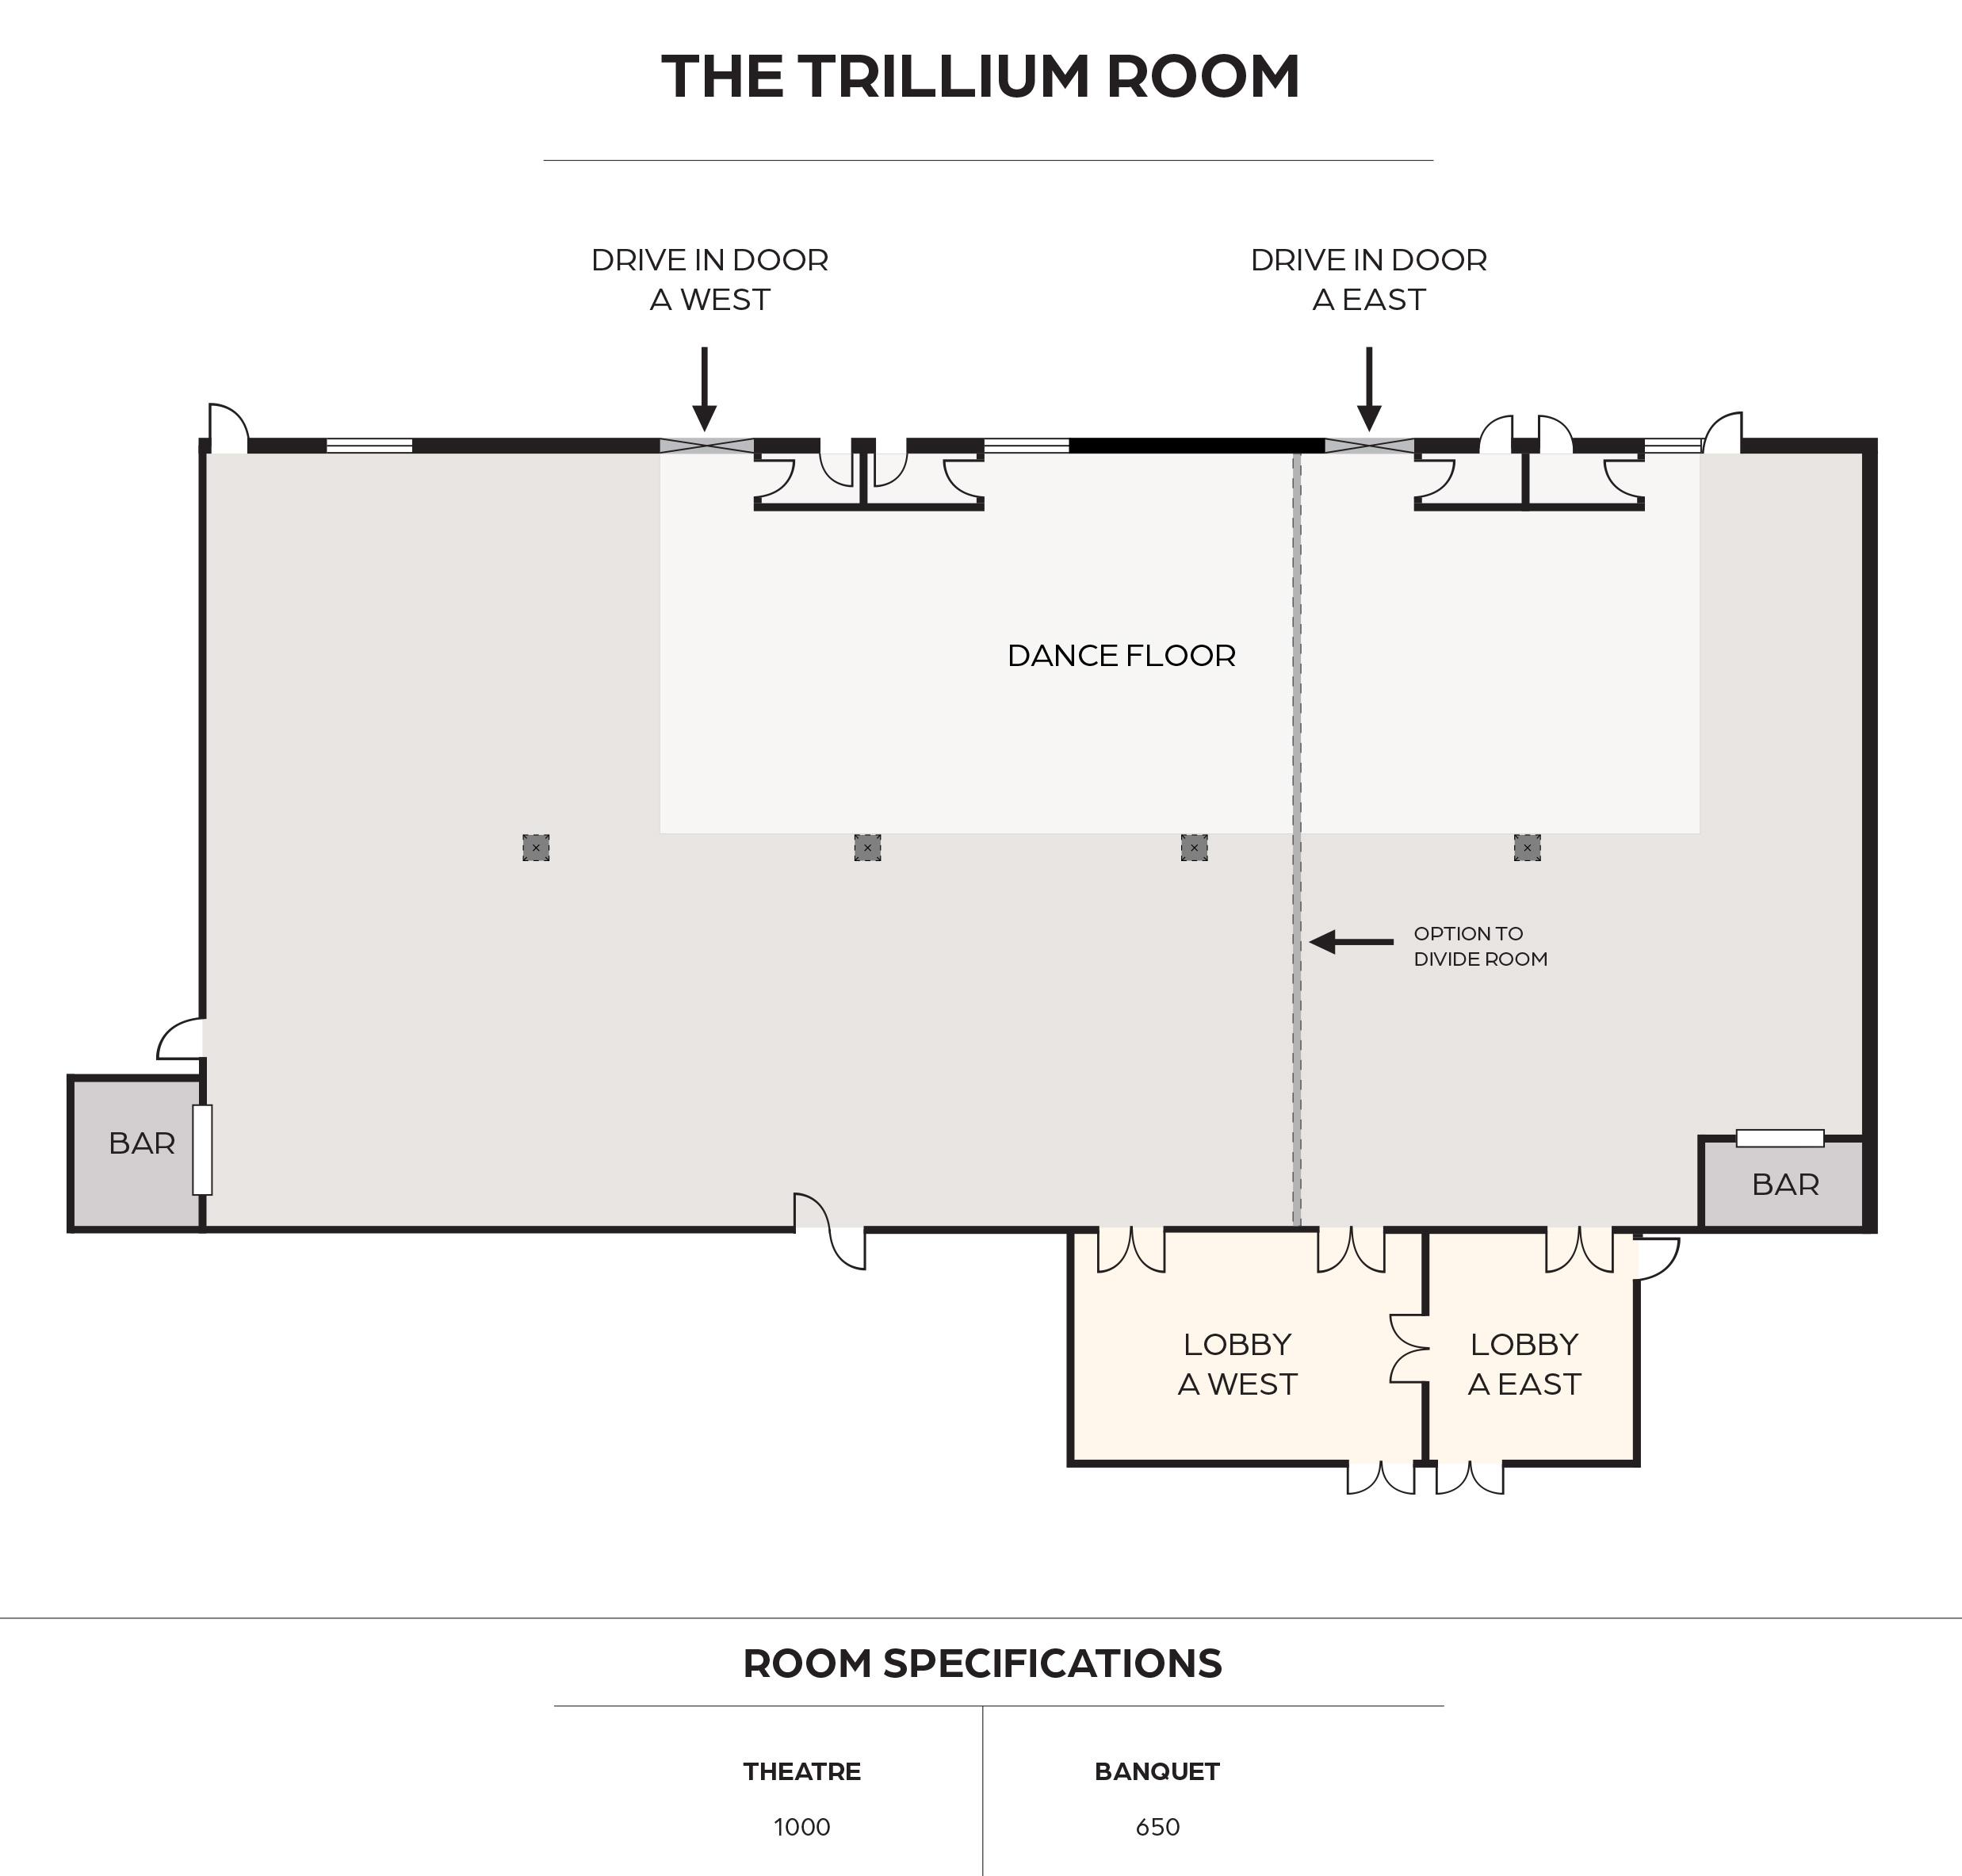 The Trillium Room Floorplan